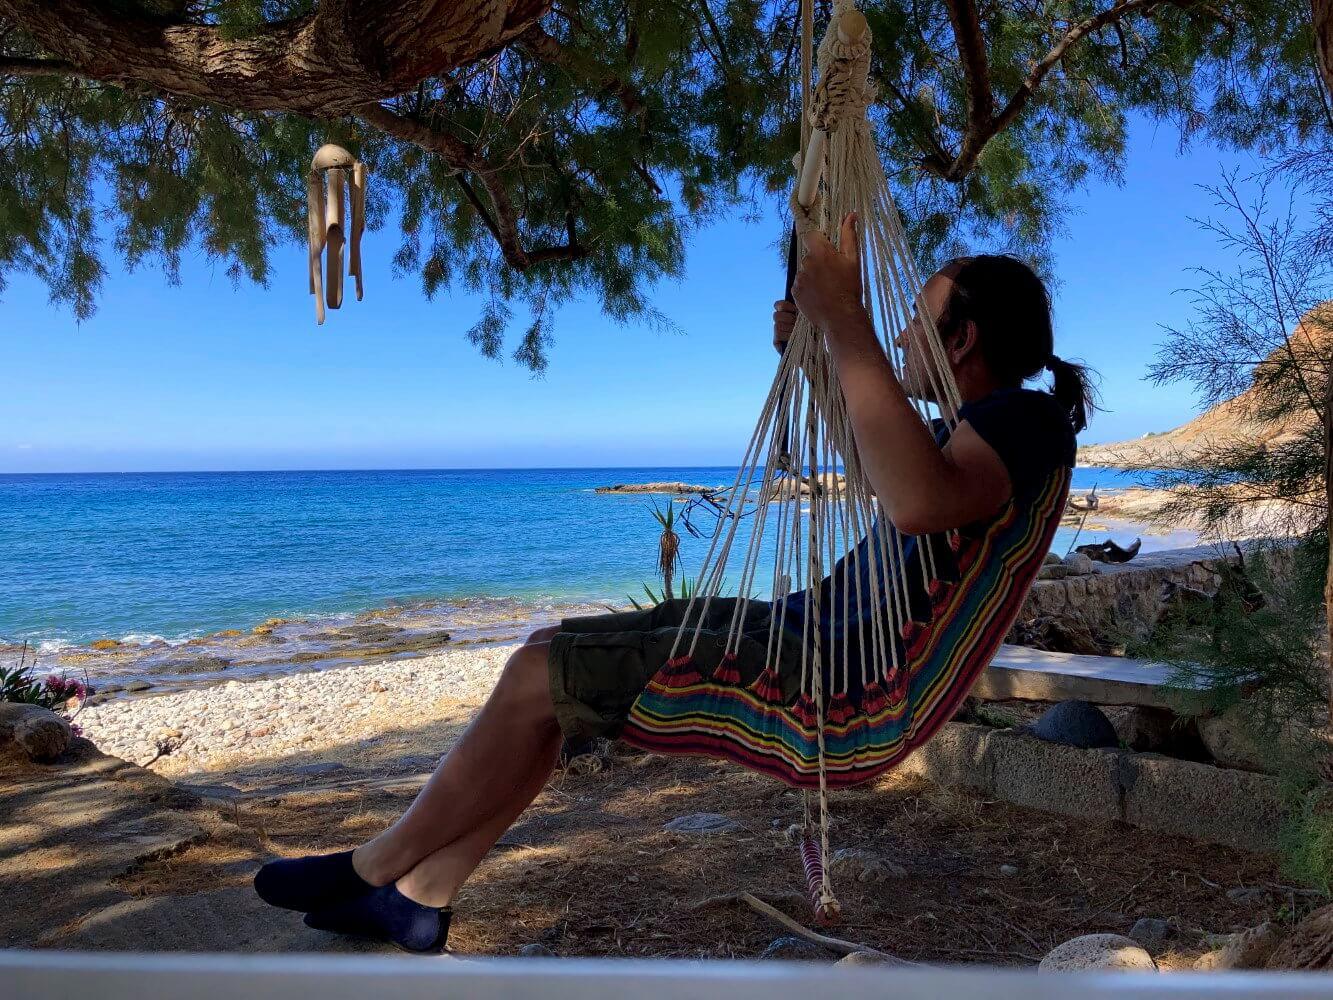 Entspannen nach einem langen Tag beim Wandern auf dem E4 in Kreta.